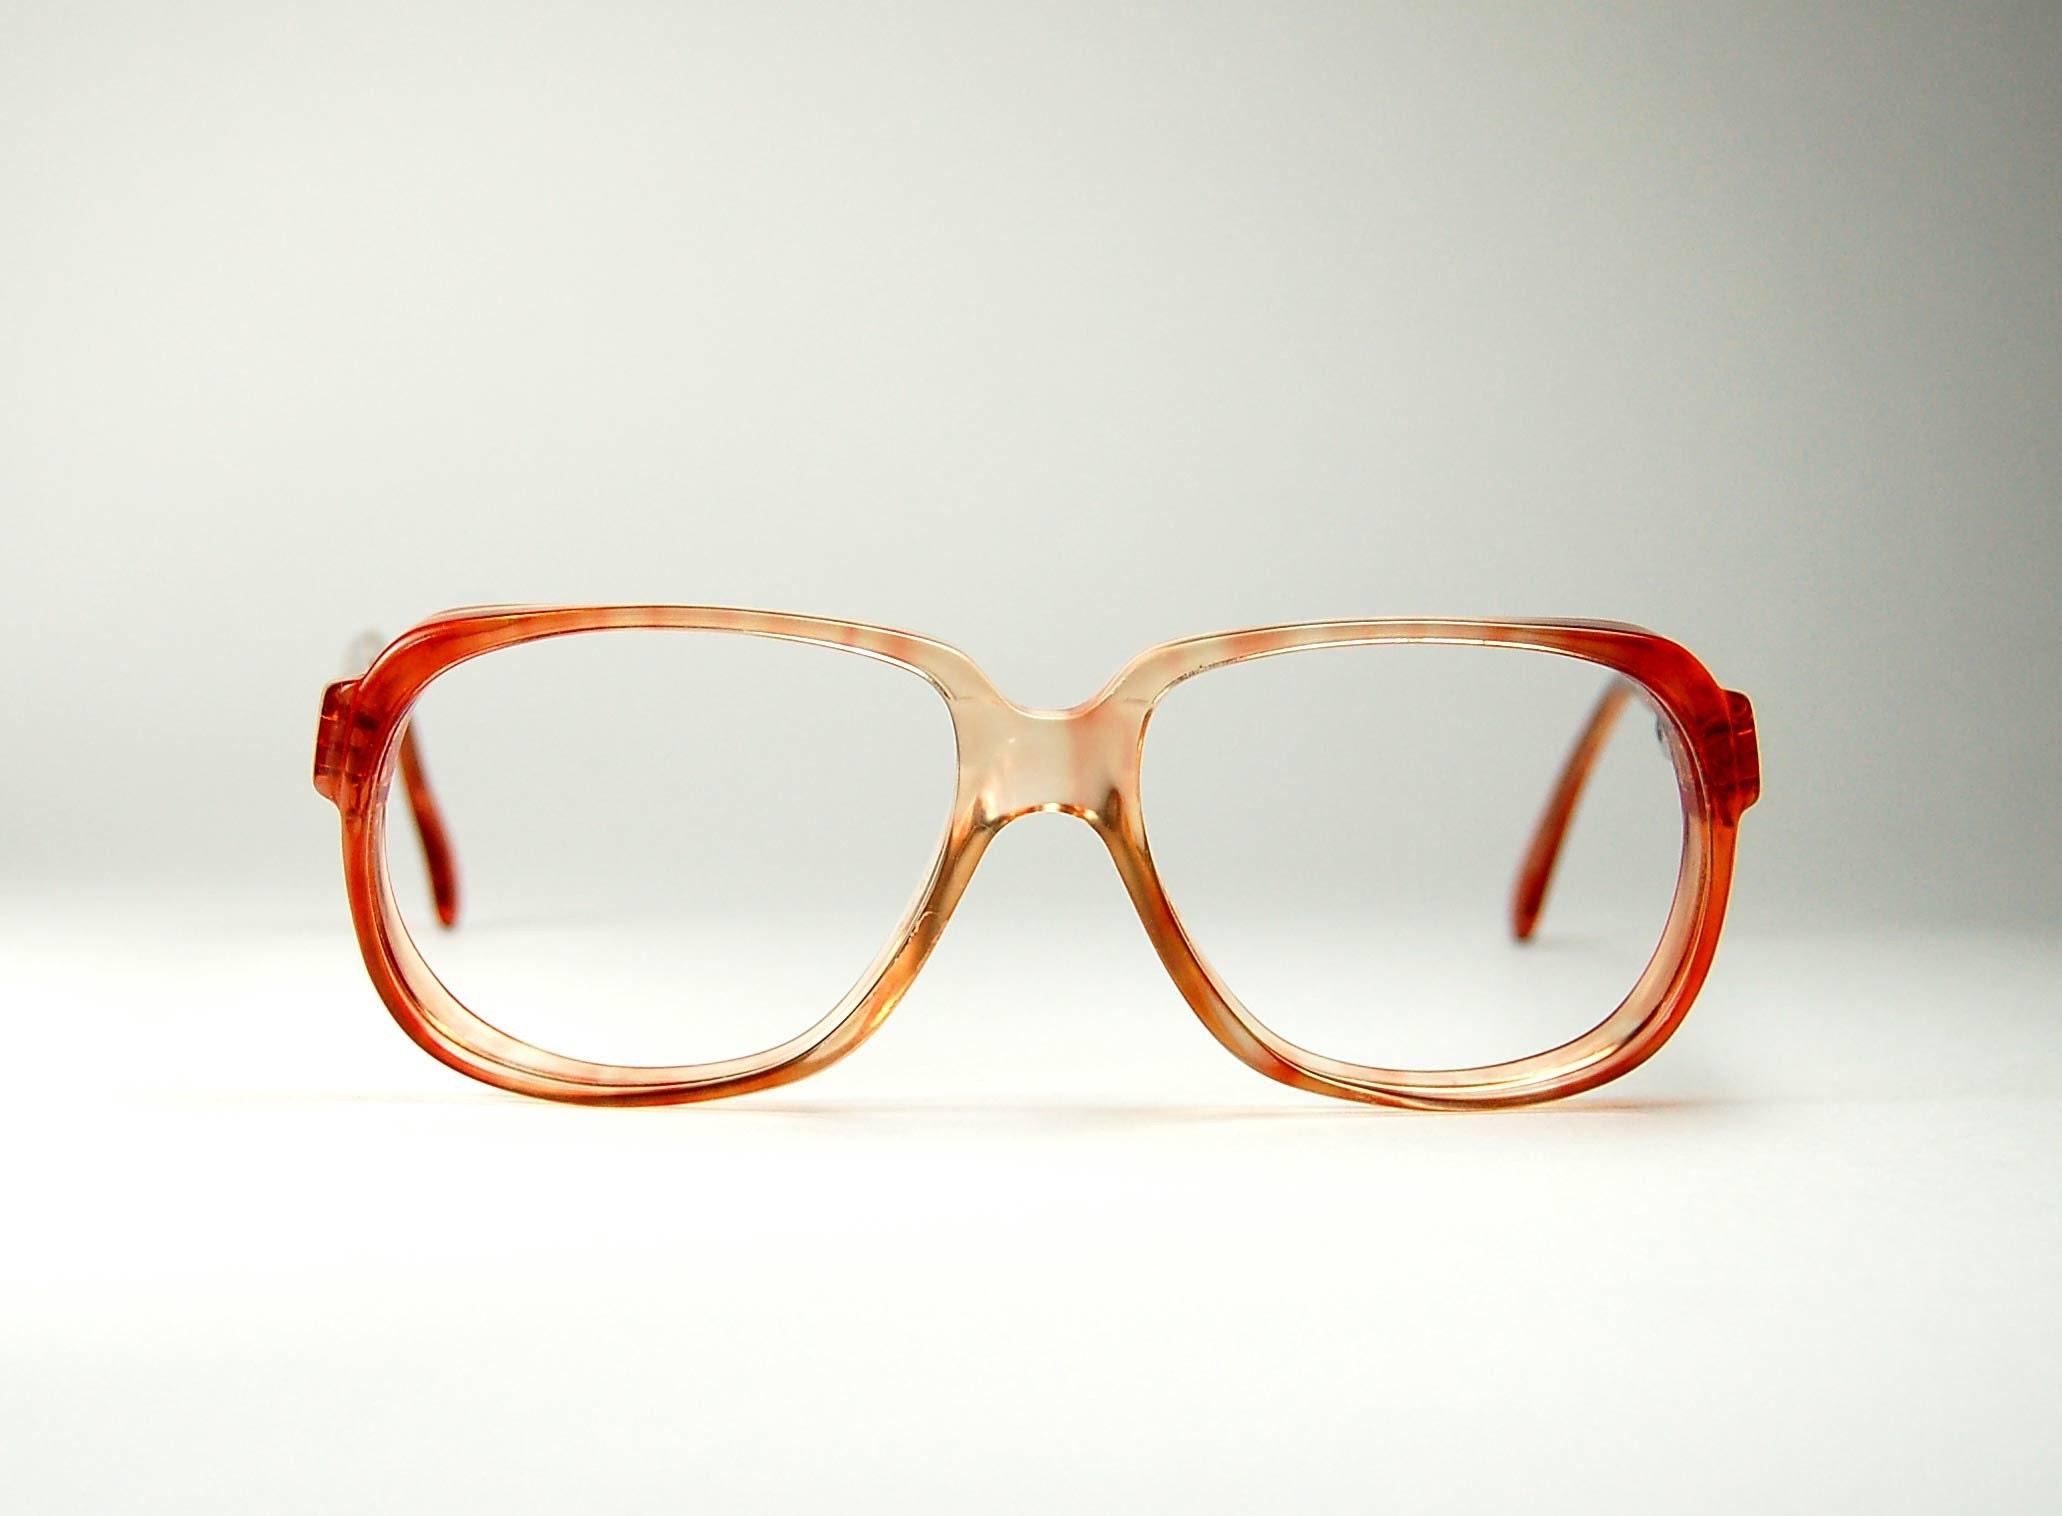 Eyeglass Frames Rectangular : Vintage 70s Rectangular Red Tortoise Eyeglass Frames made in